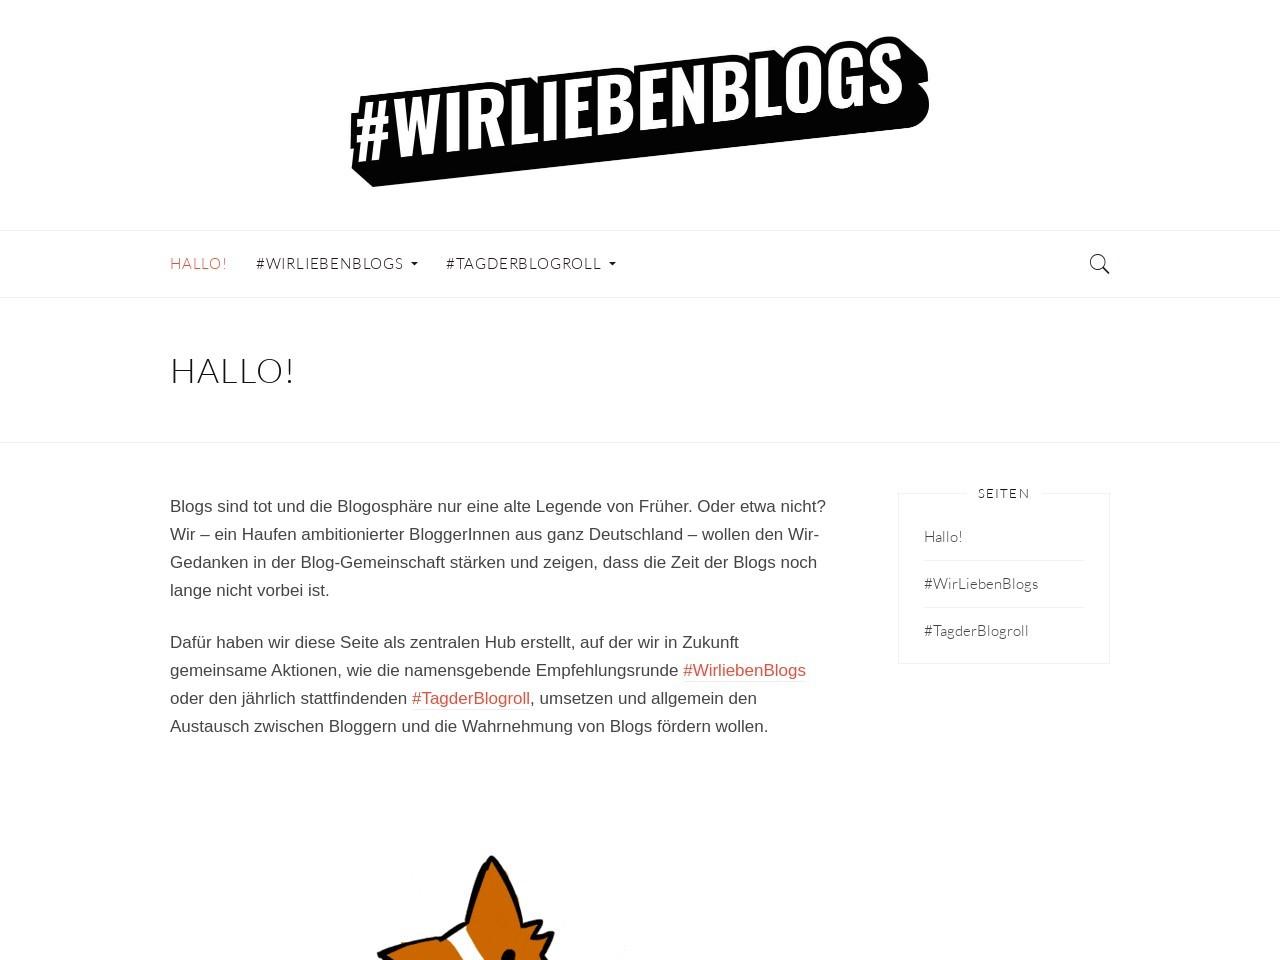 Heute ist Tag der Blogroll | Bloggerei | Was is hier eigentlich los?